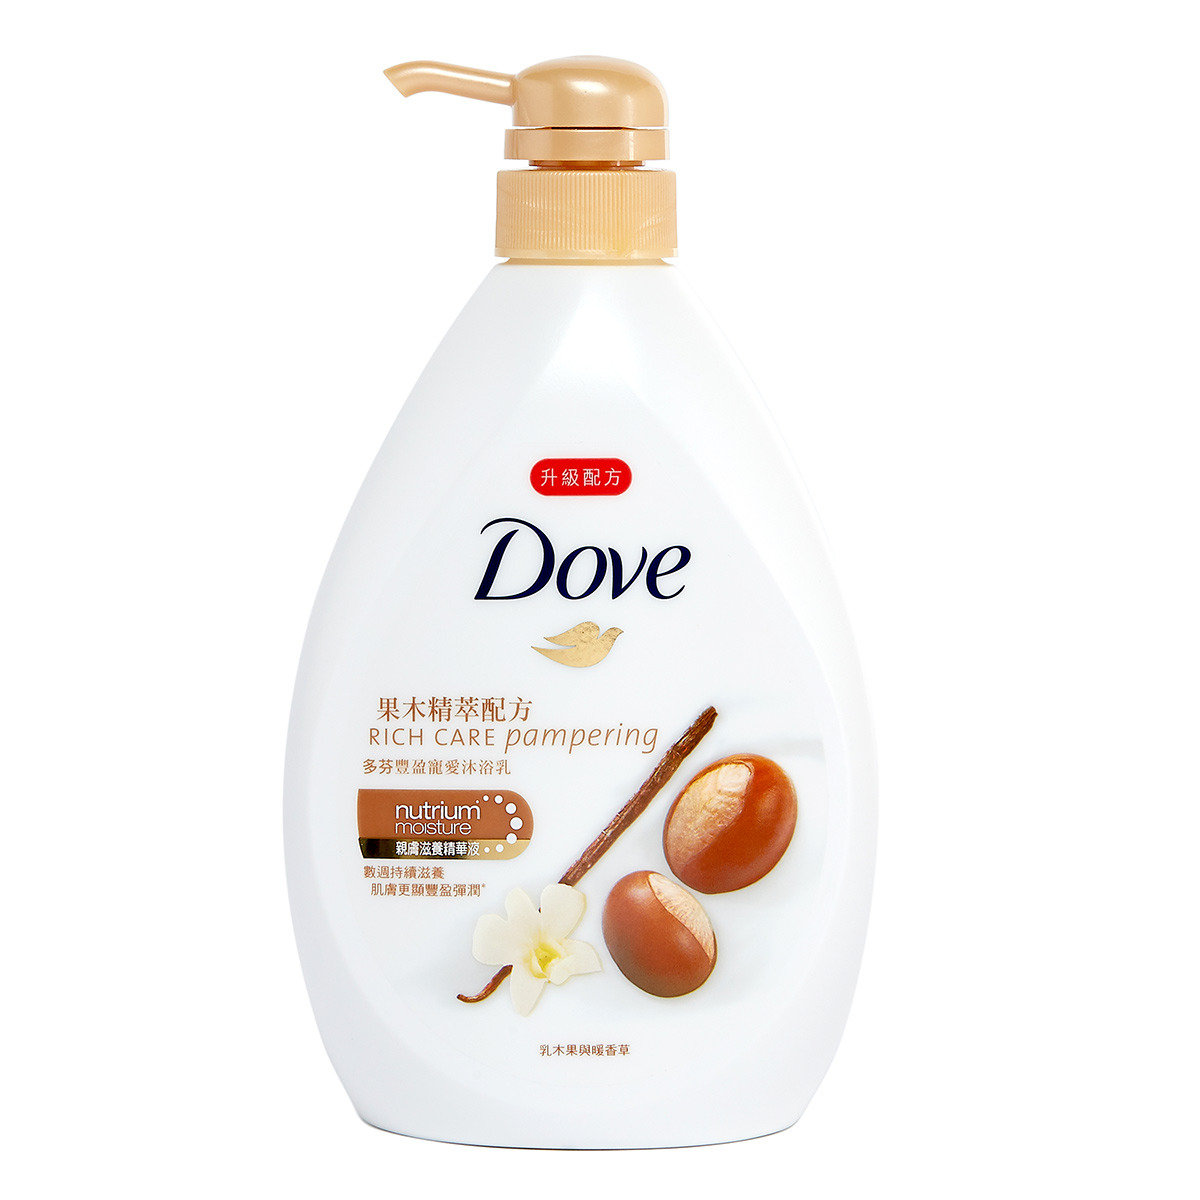 豐盈寵愛沐浴乳 - 乳木果與暖香草